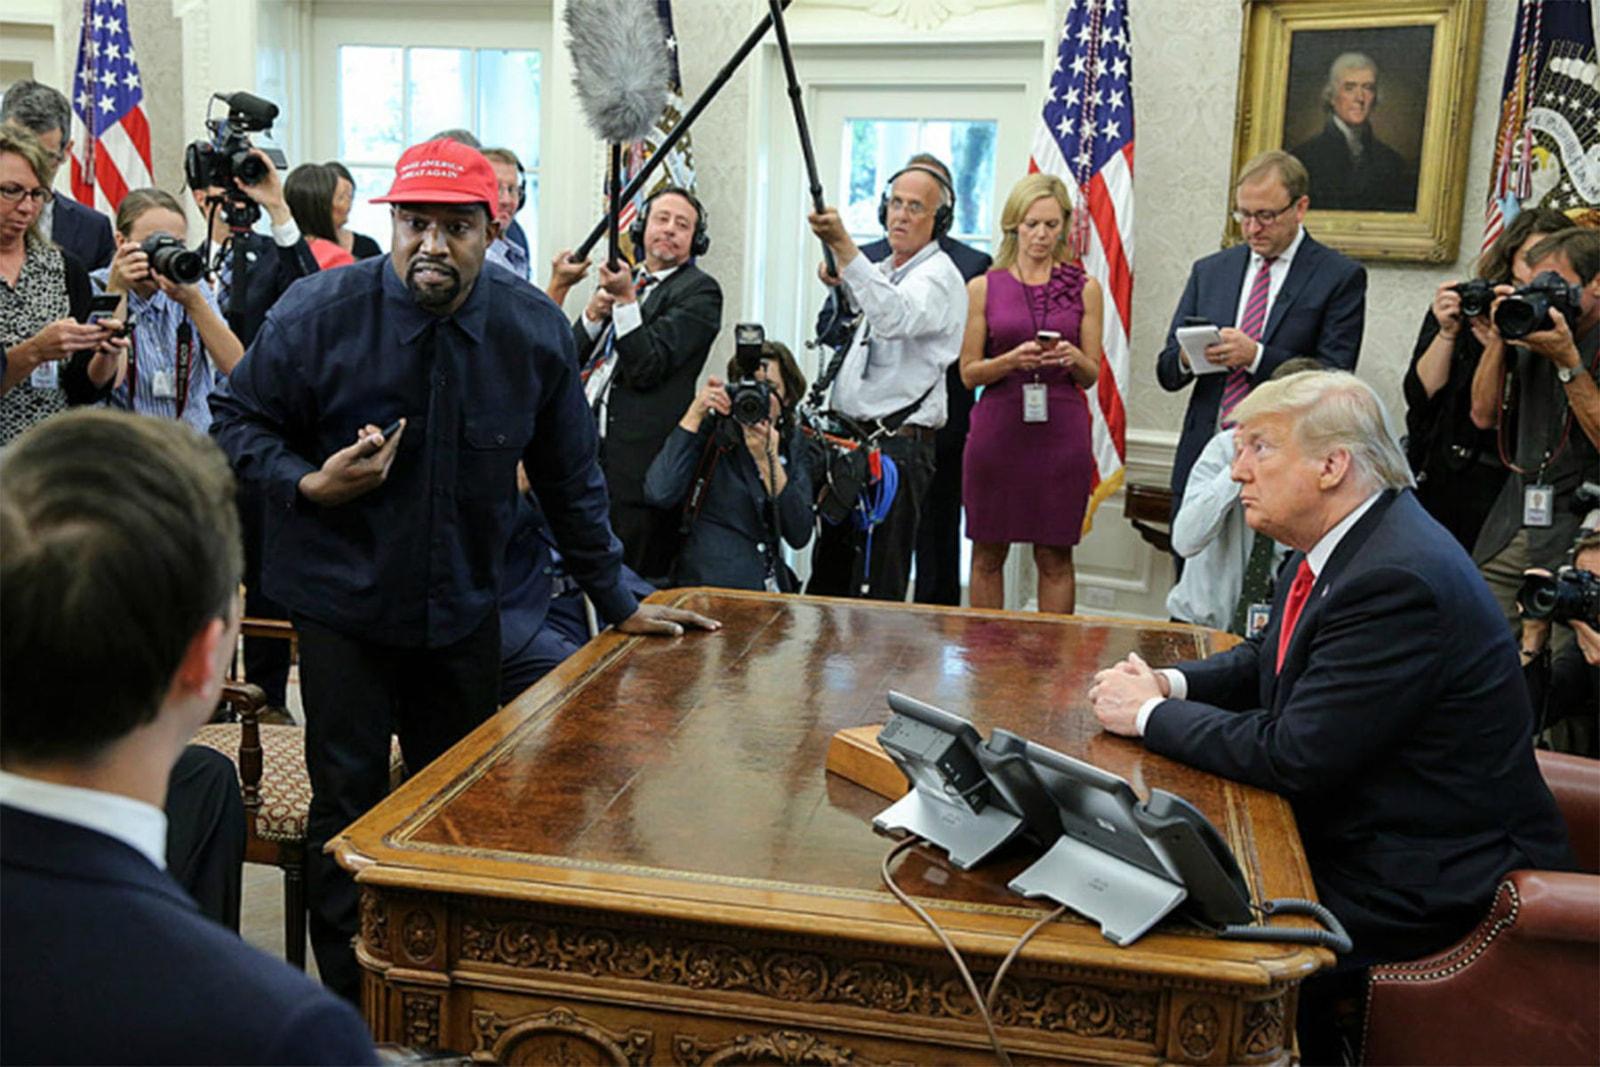 押さえておきたい今週の必読記事5選 『HYPEBEAST』初の大型イベントから〈Alexander Wang〉x〈UNIQLO〉、Kanyeがしゃべり倒したトランプ大統領との会談まで今週を総ざらい